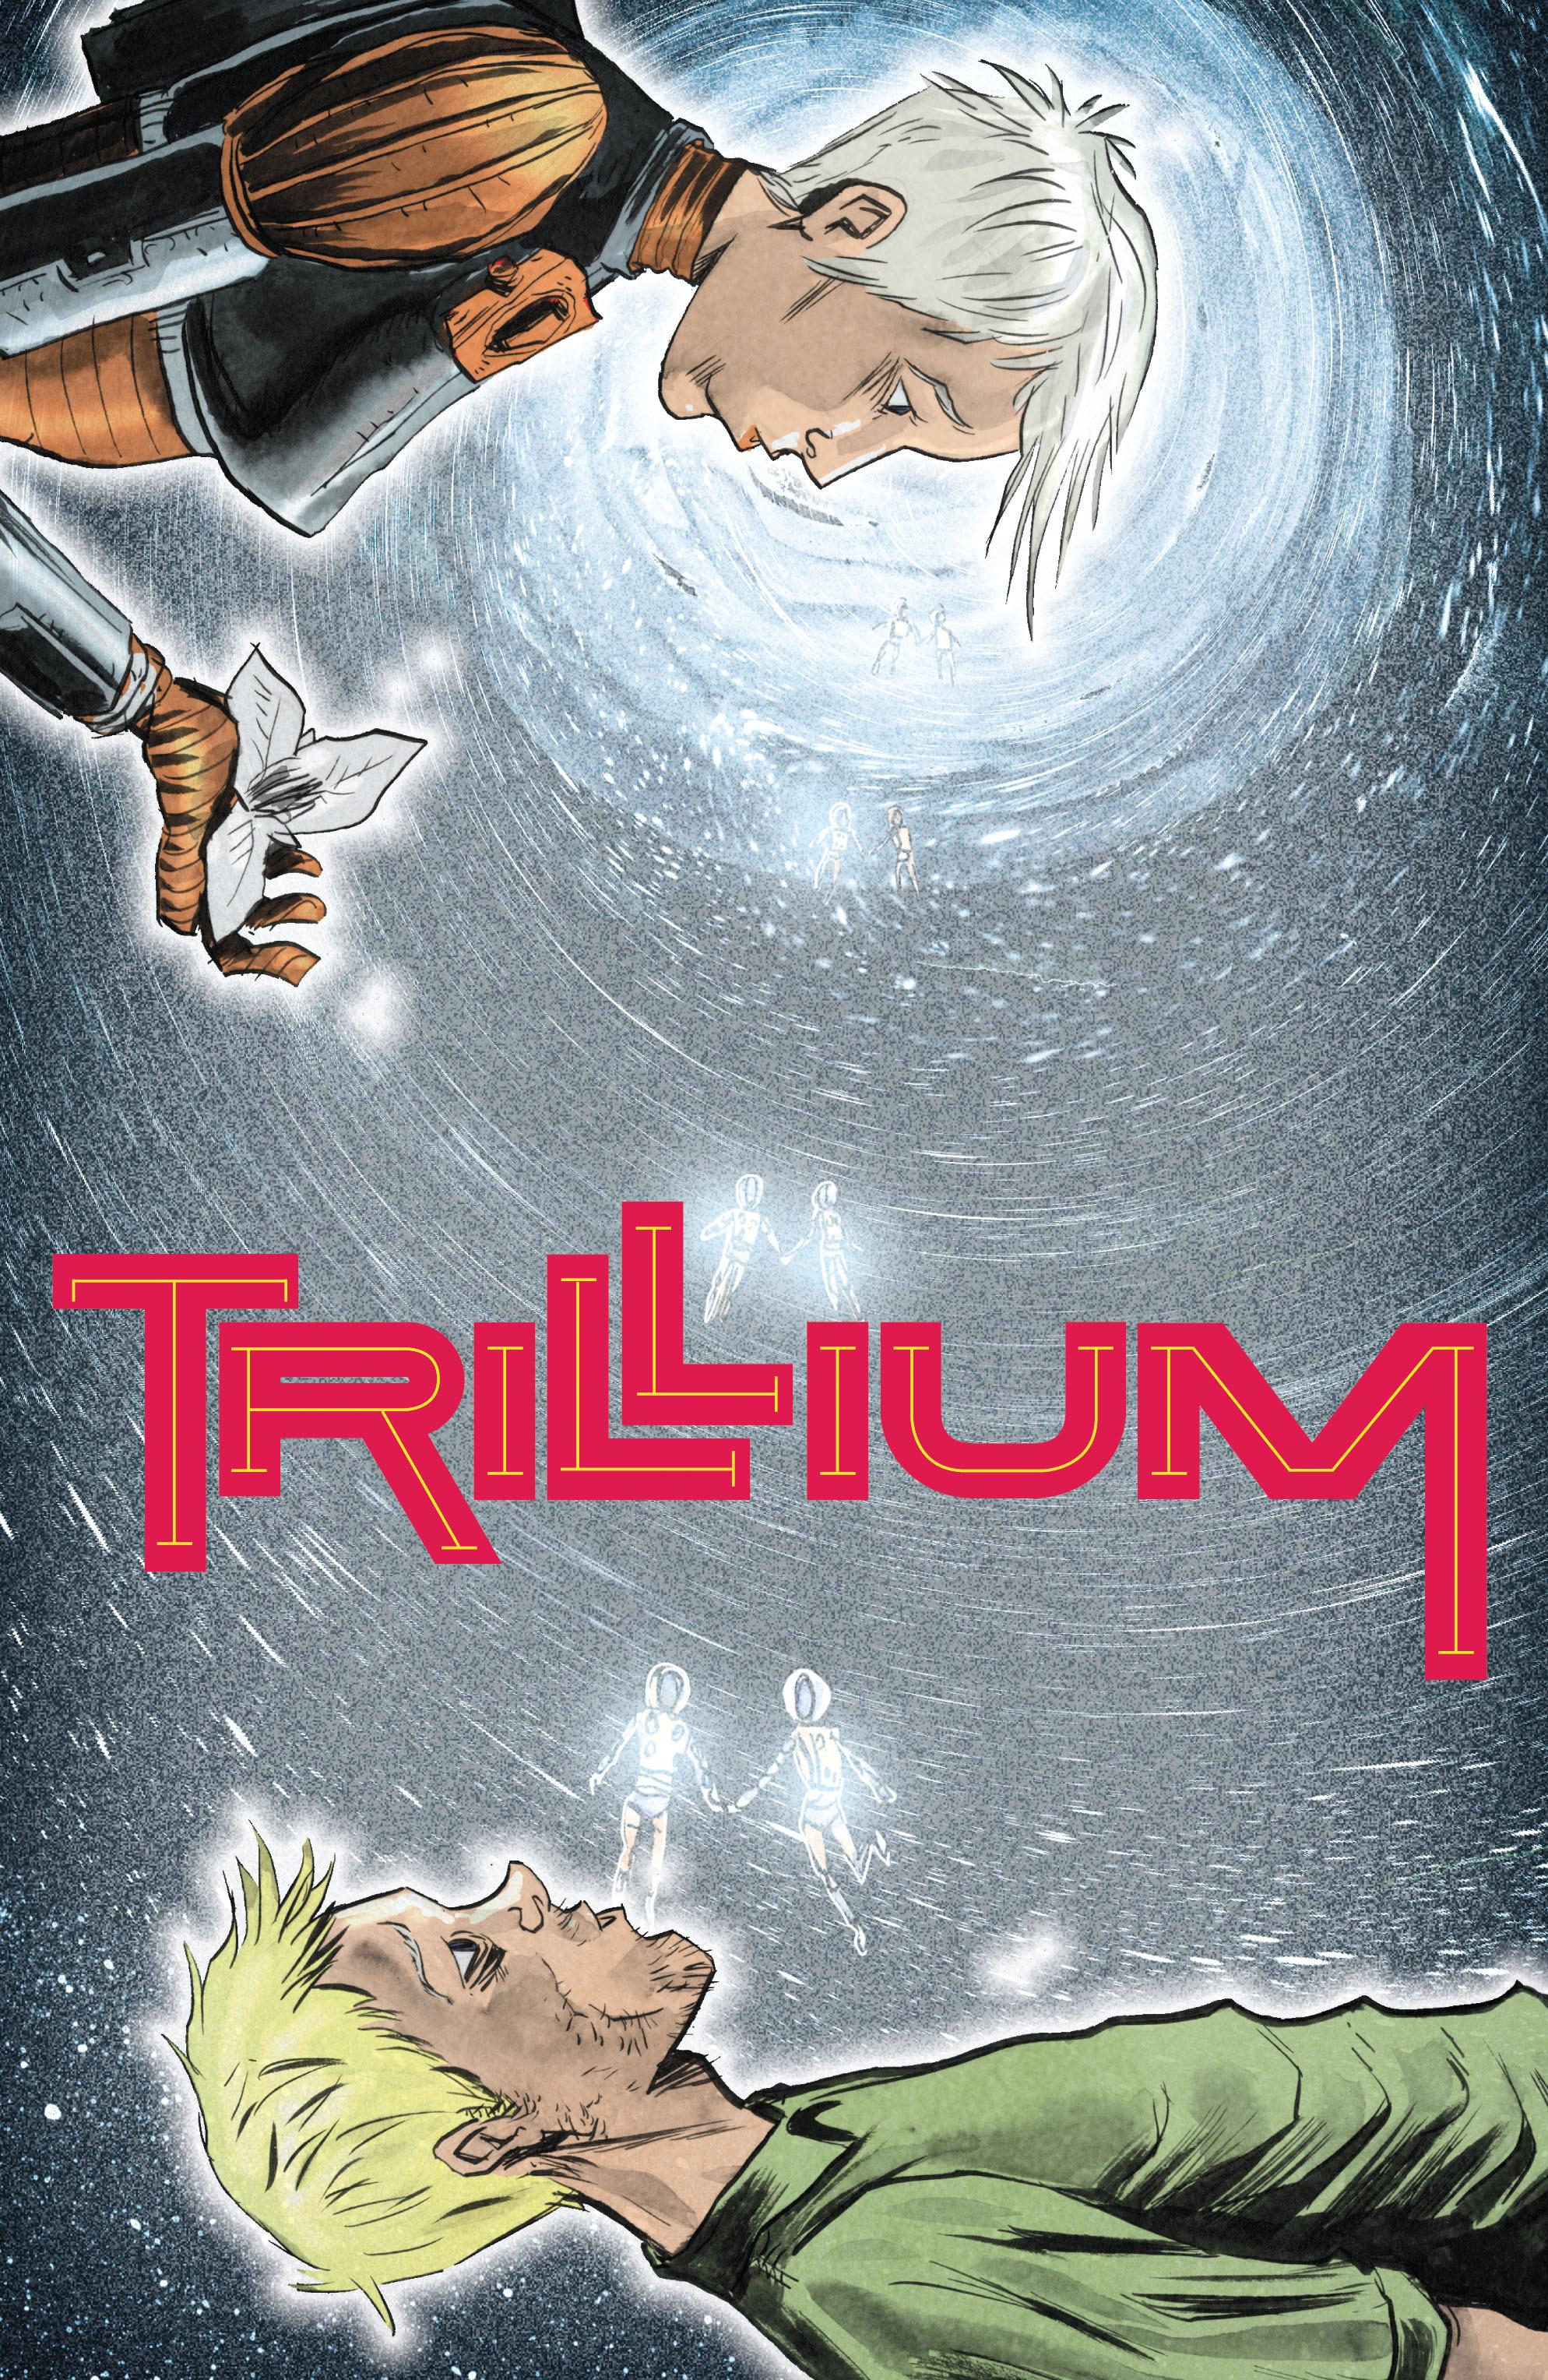 Read online Trillium comic -  Issue # TPB - 2